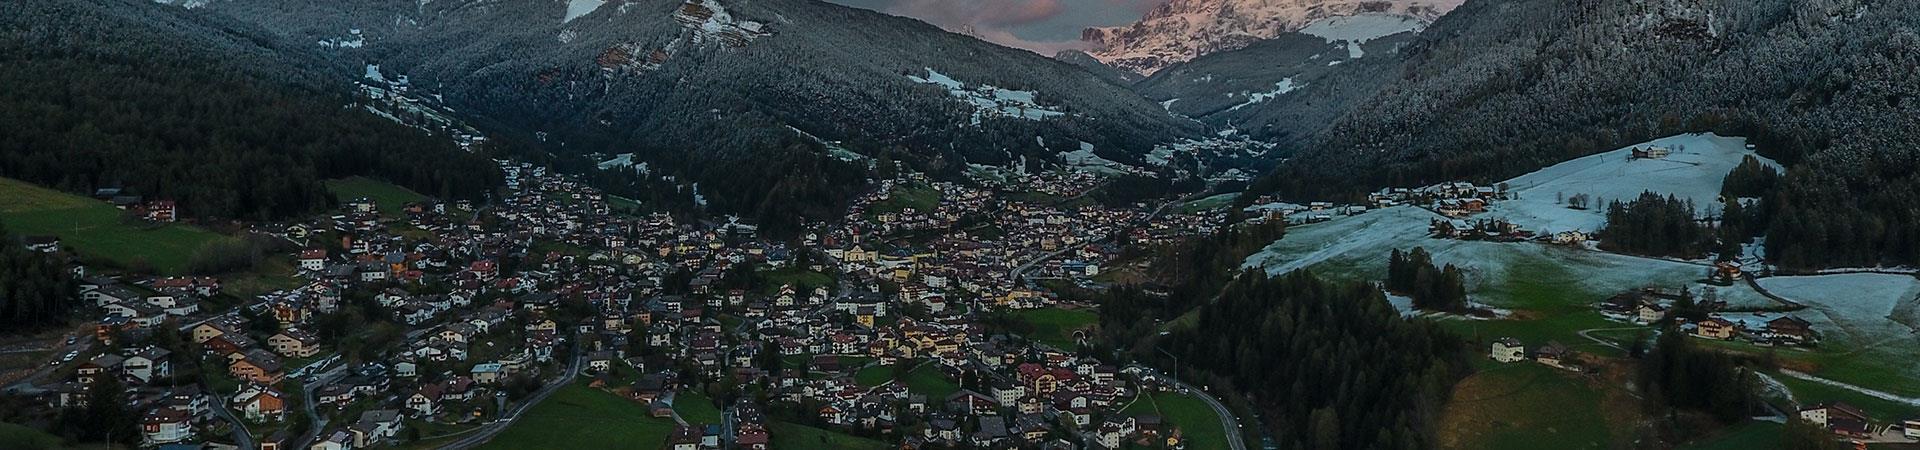 Imposta comunale di soggiorno - Comune di Ortisei - Home ...